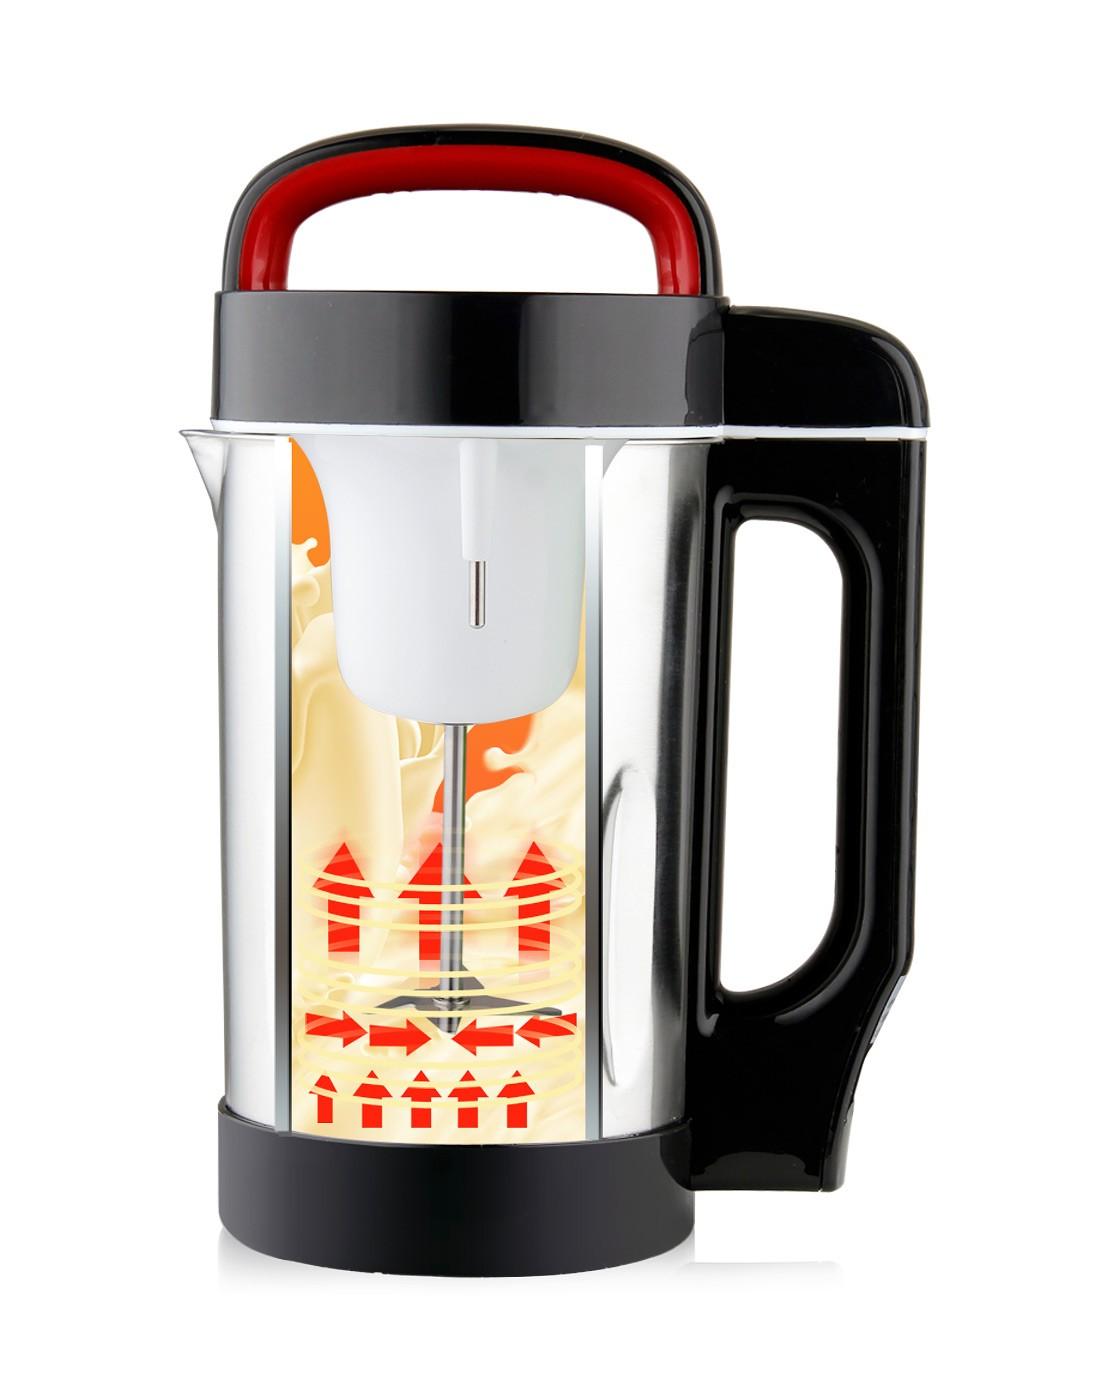 osip专场豆浆介绍英语表情包豆浆机全自动全钢米糊电器SDJ-图片